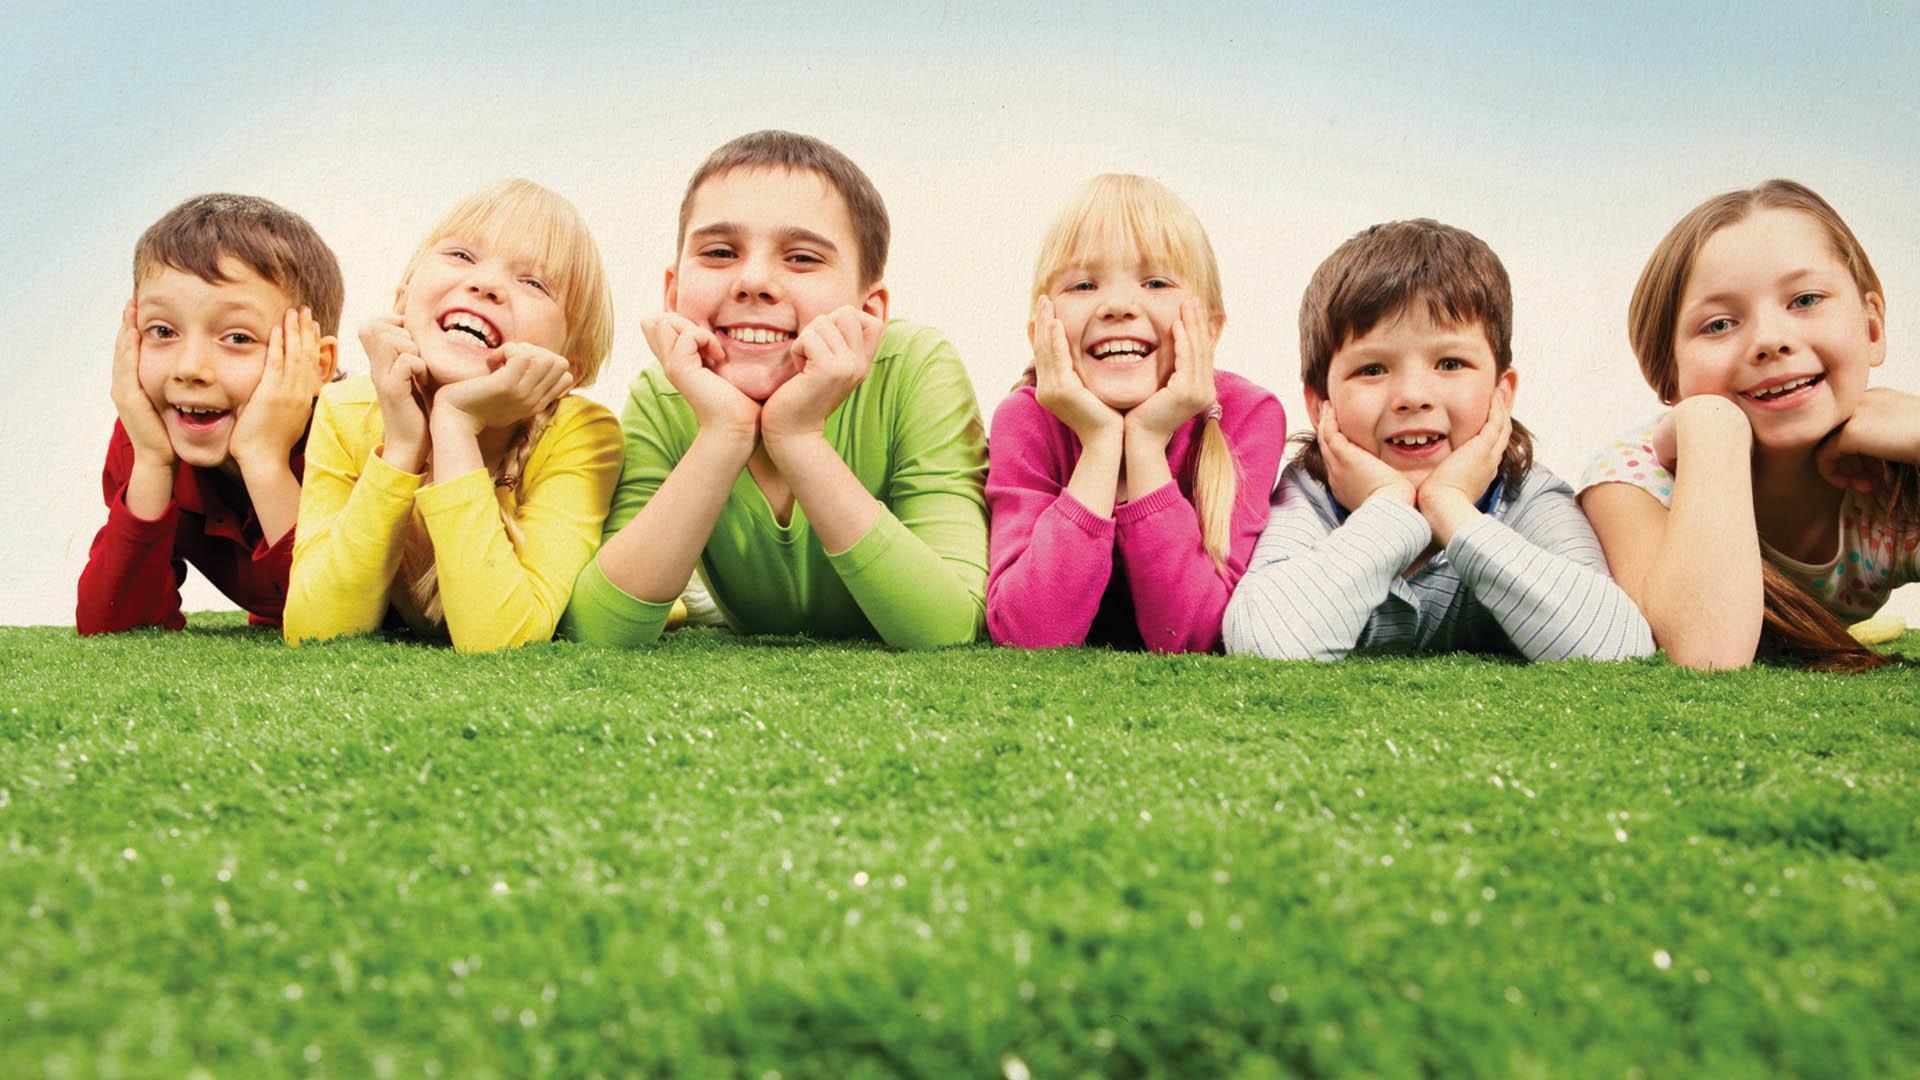 Peso e Altura ideal das Crianças